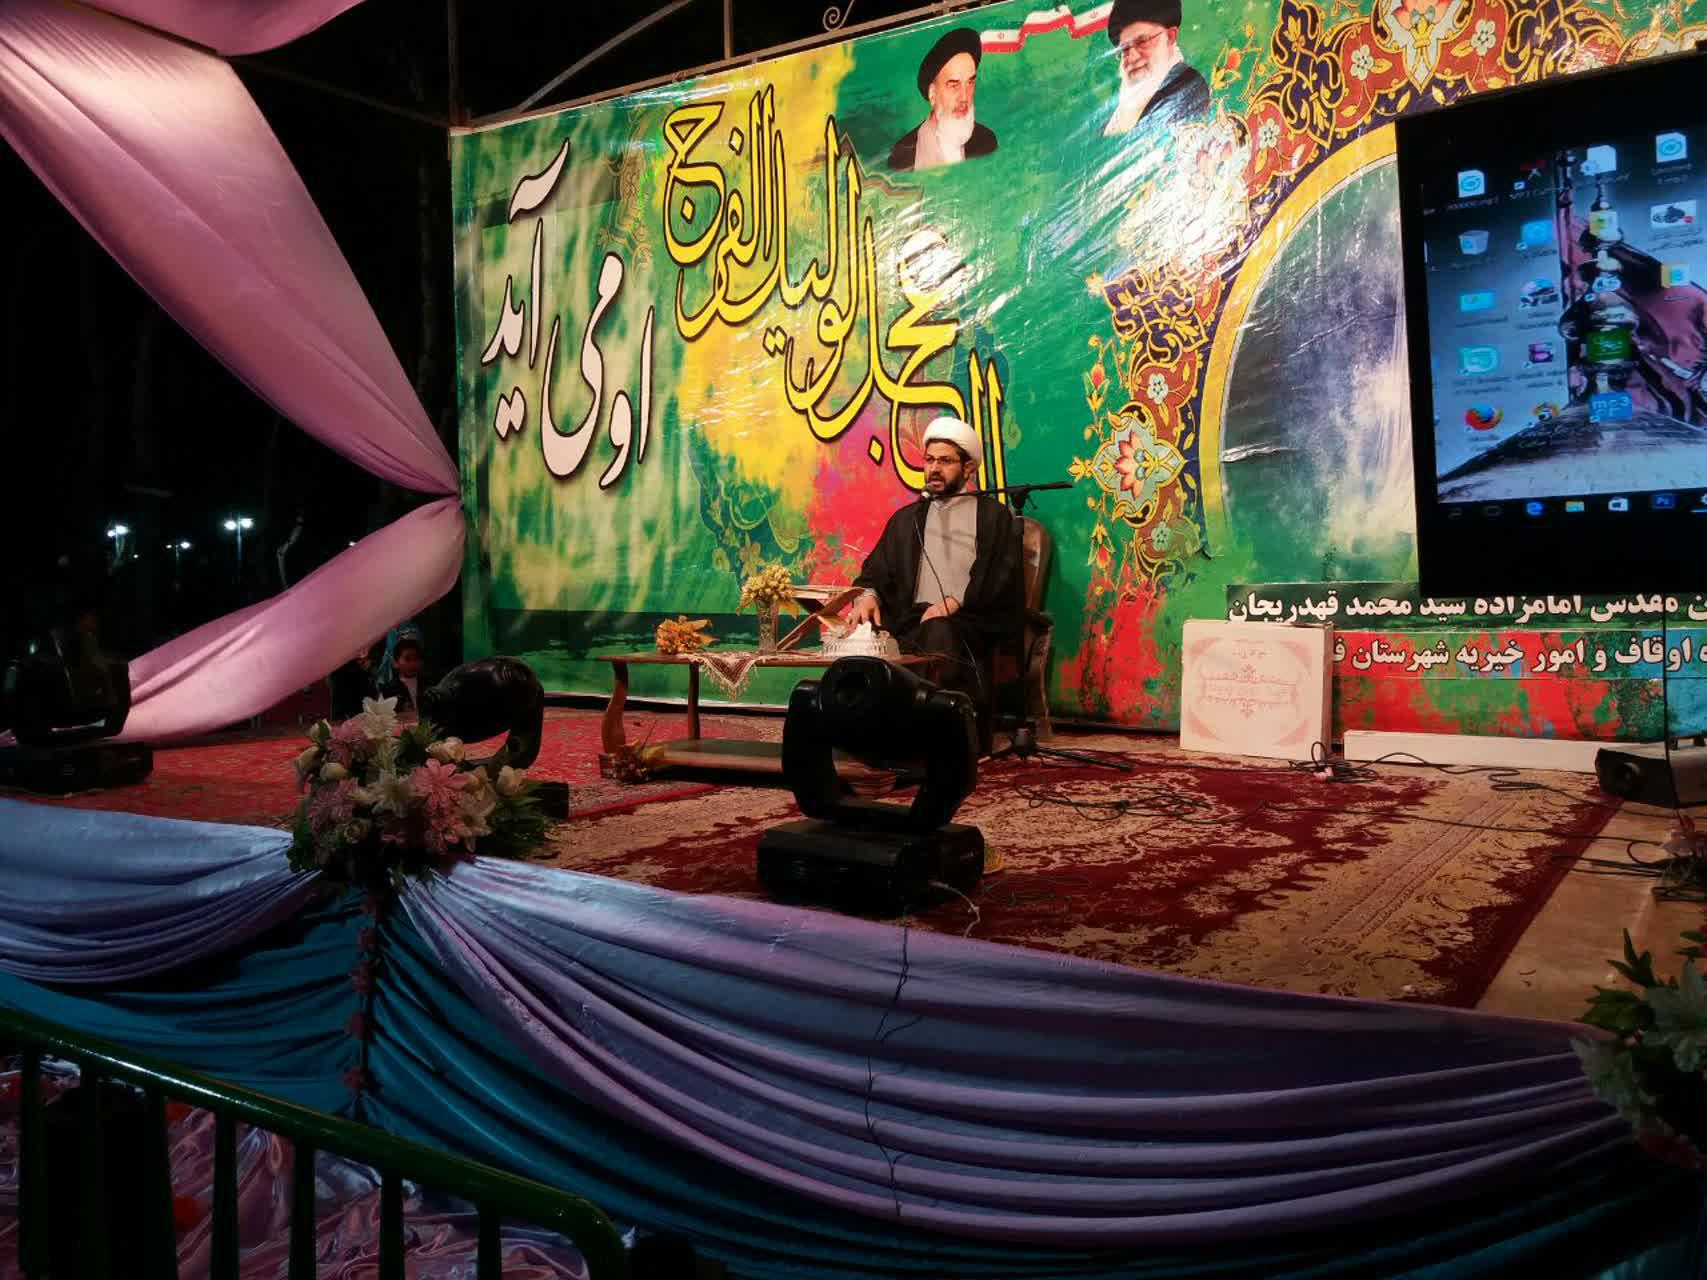 سخنرانی امام جمعه محترم شهر قهدریجان در مورد امام زمان (عج)در شب نیمه شعبان در امامزاده سید محمد